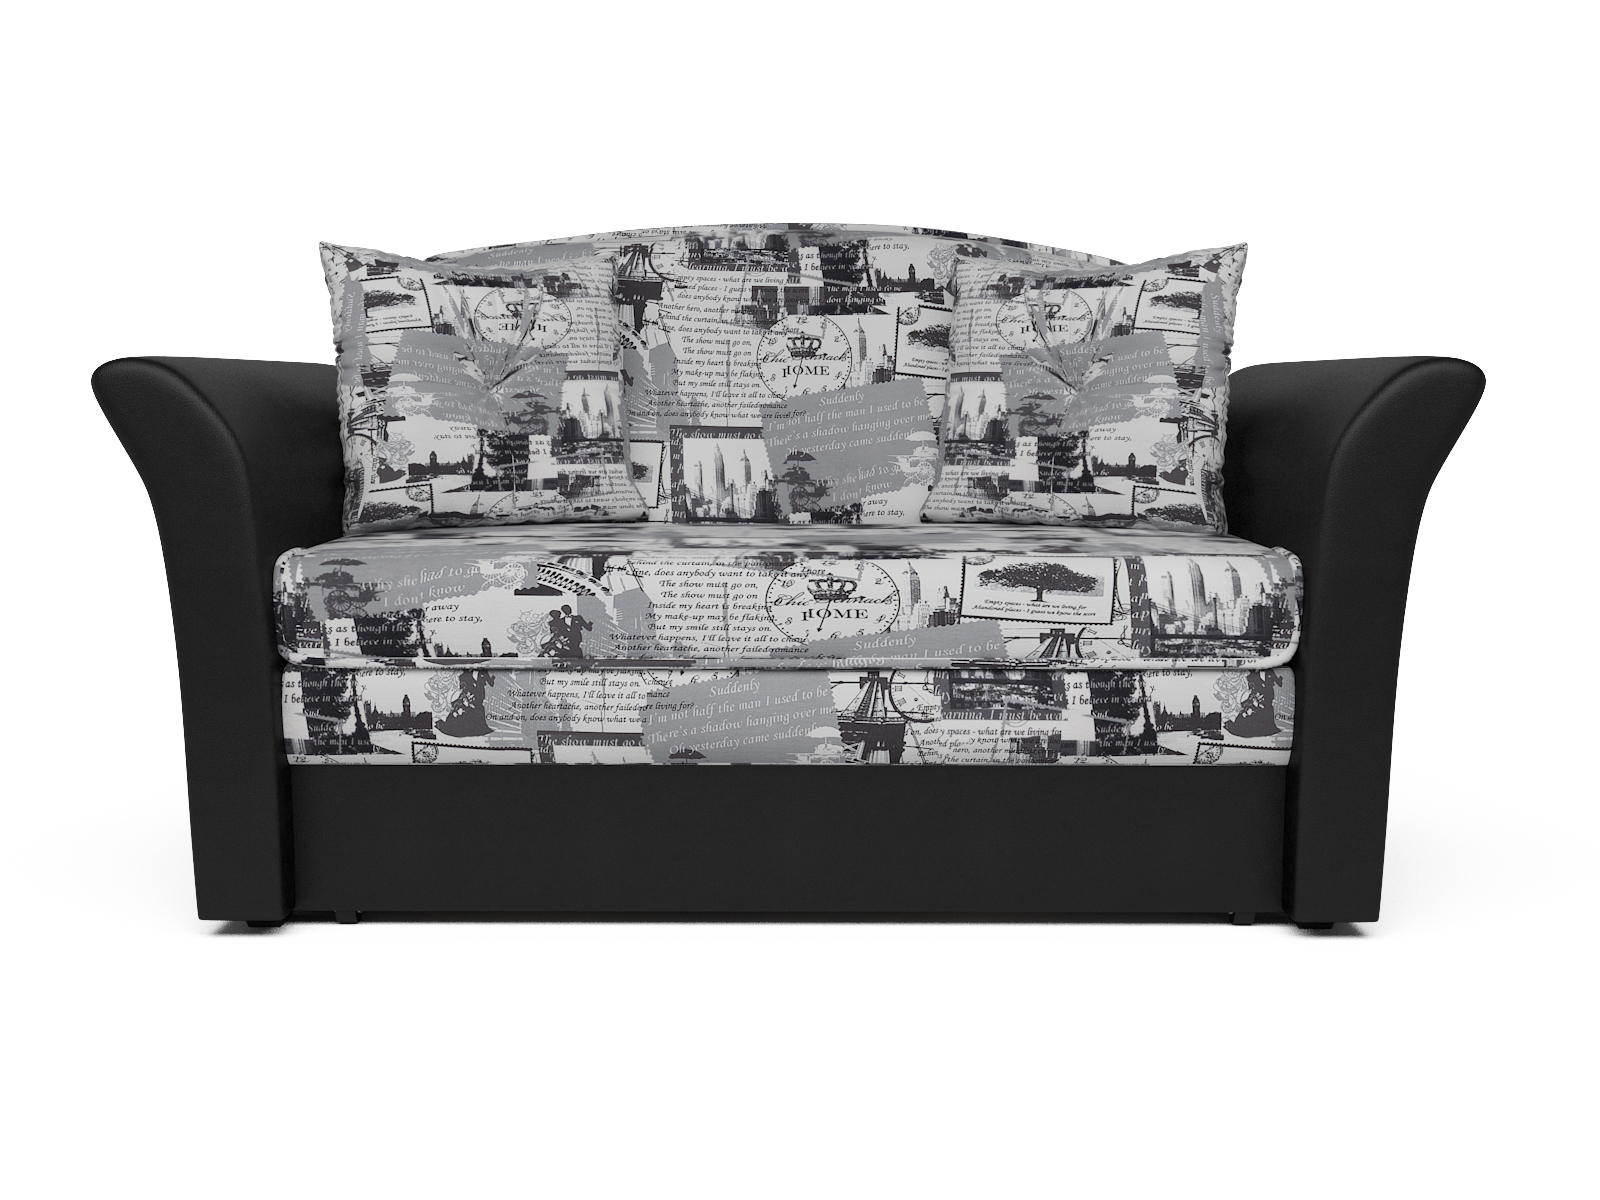 Фото - Диван Малютка 2 MebelVia , Черный, Жаккард, Брус сосны диван малютка 2 mebelvia коричневый рогожка брус сосны